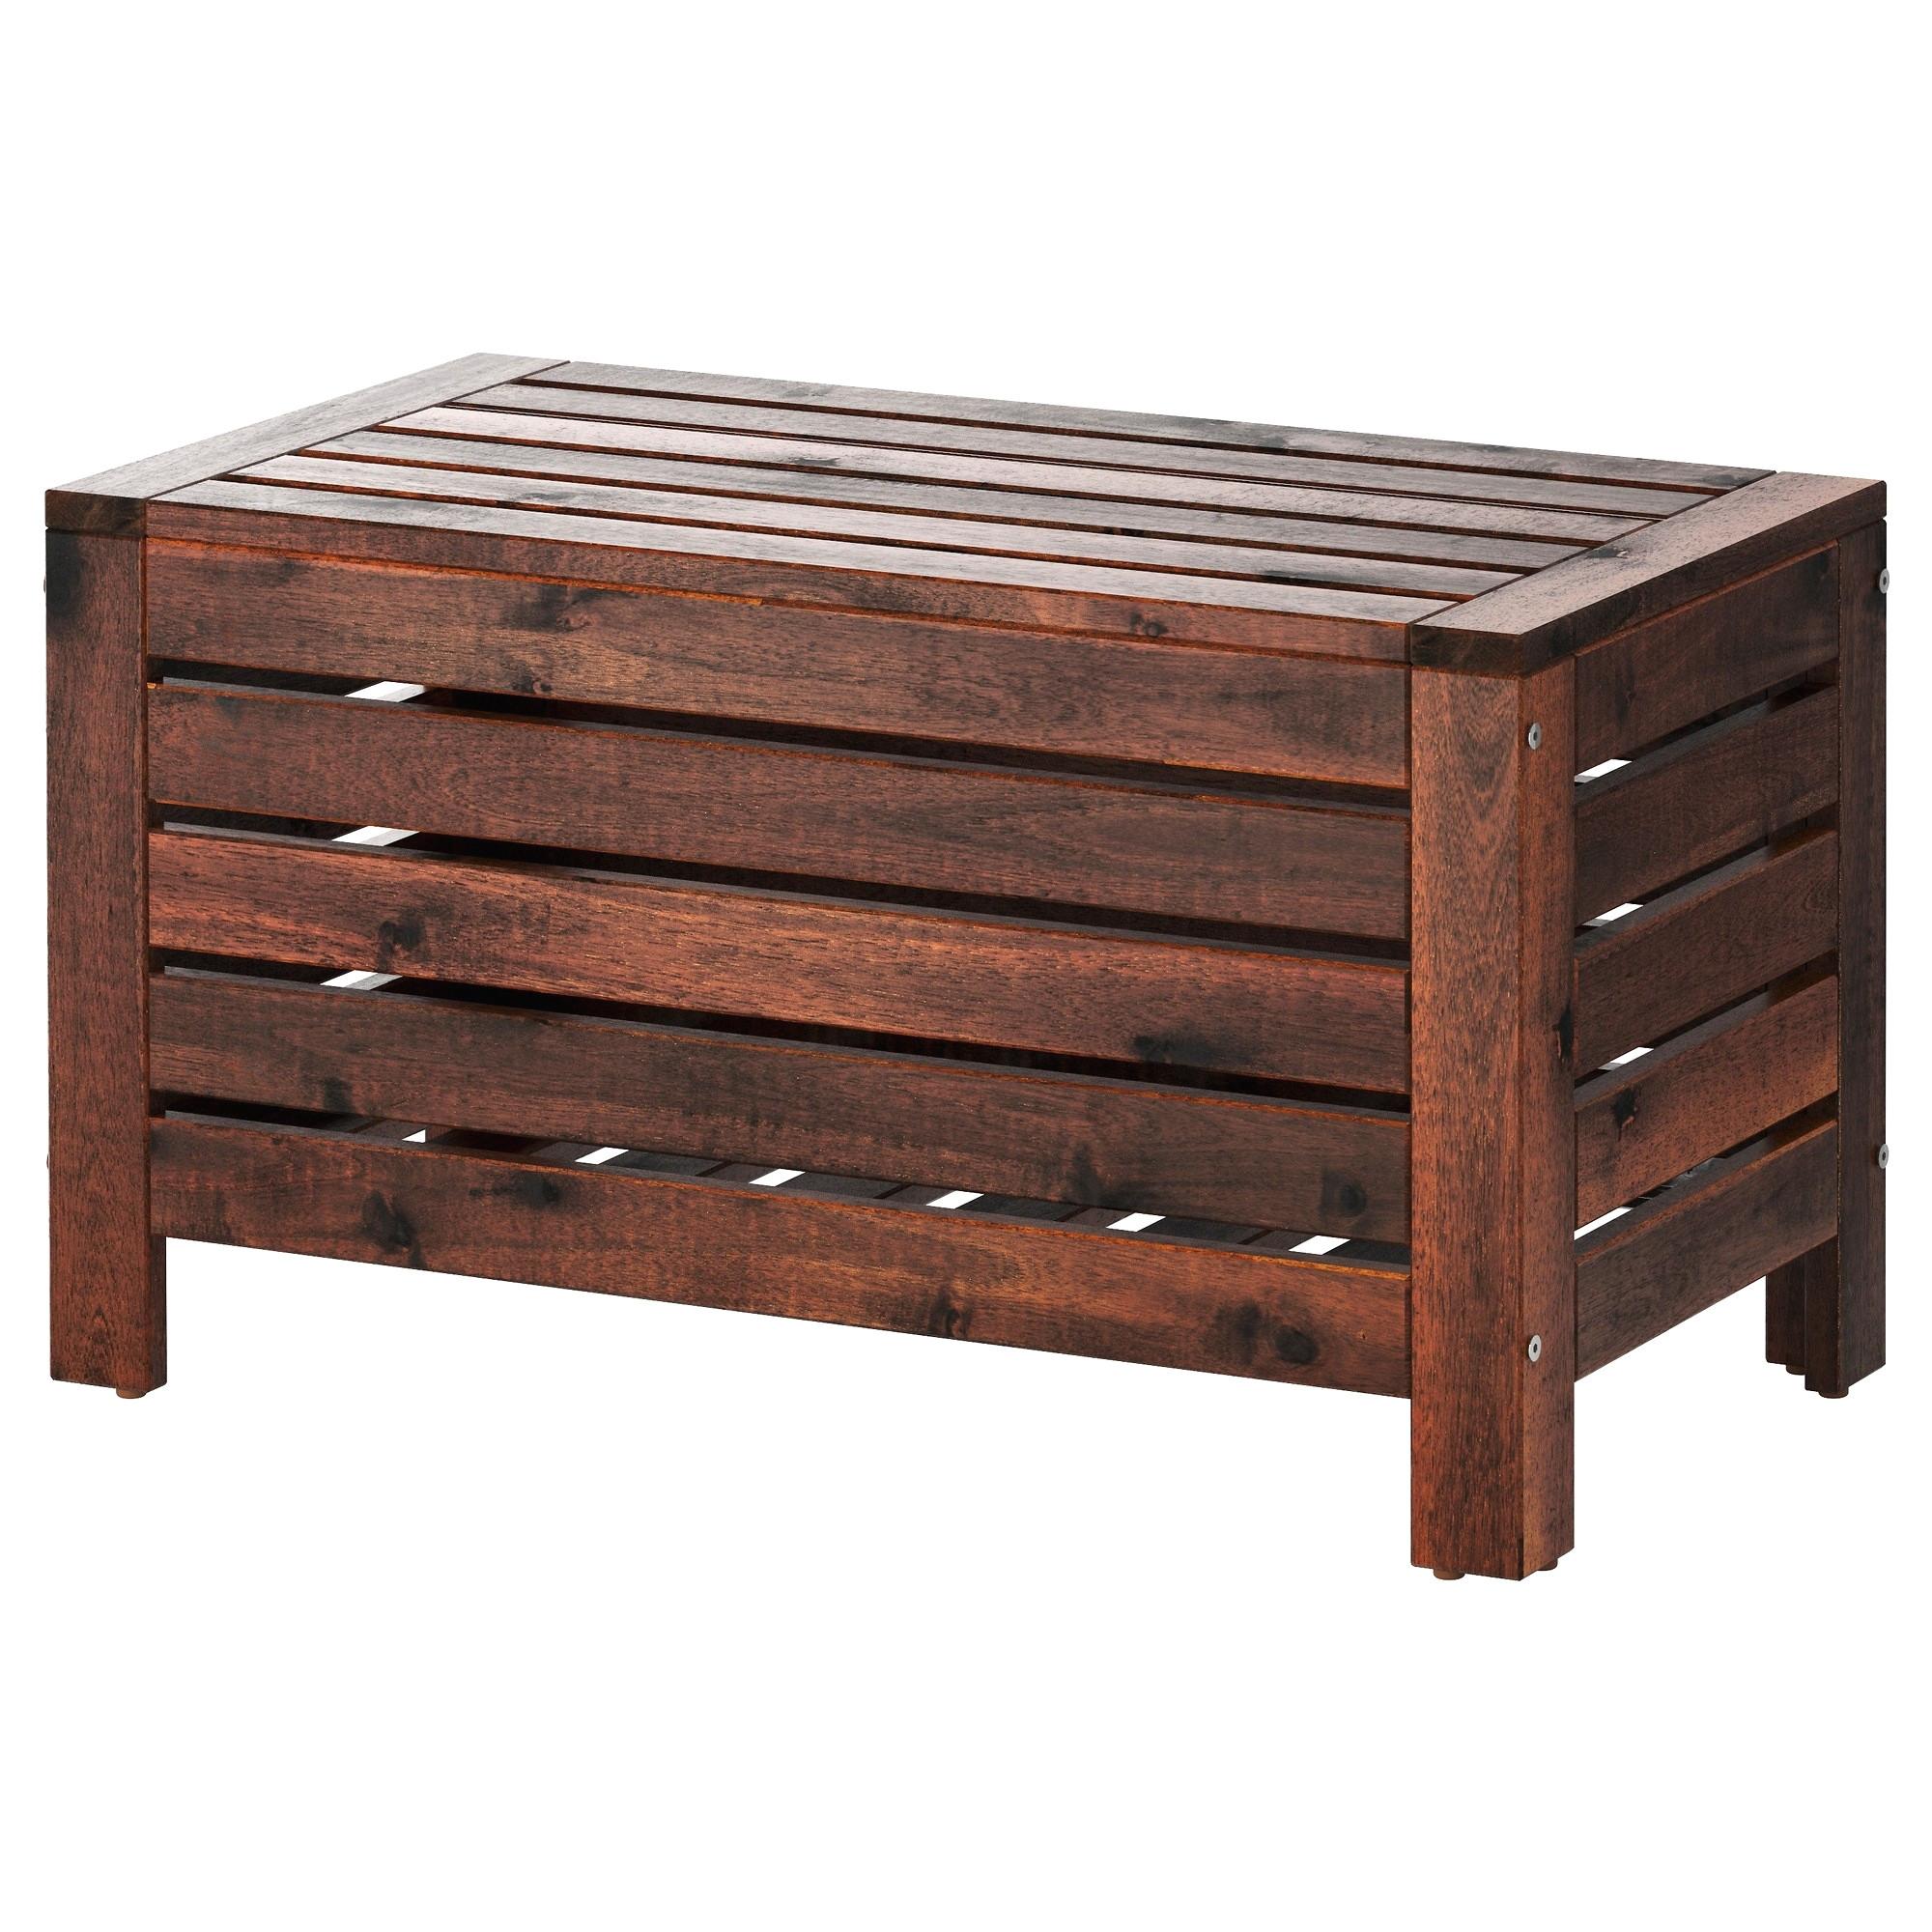 Chaises De Jardin Ikea Luxe Image Banc Exterieur Ikea Nouveau Coffre De Jardin Ikea Avec Beau Chaise